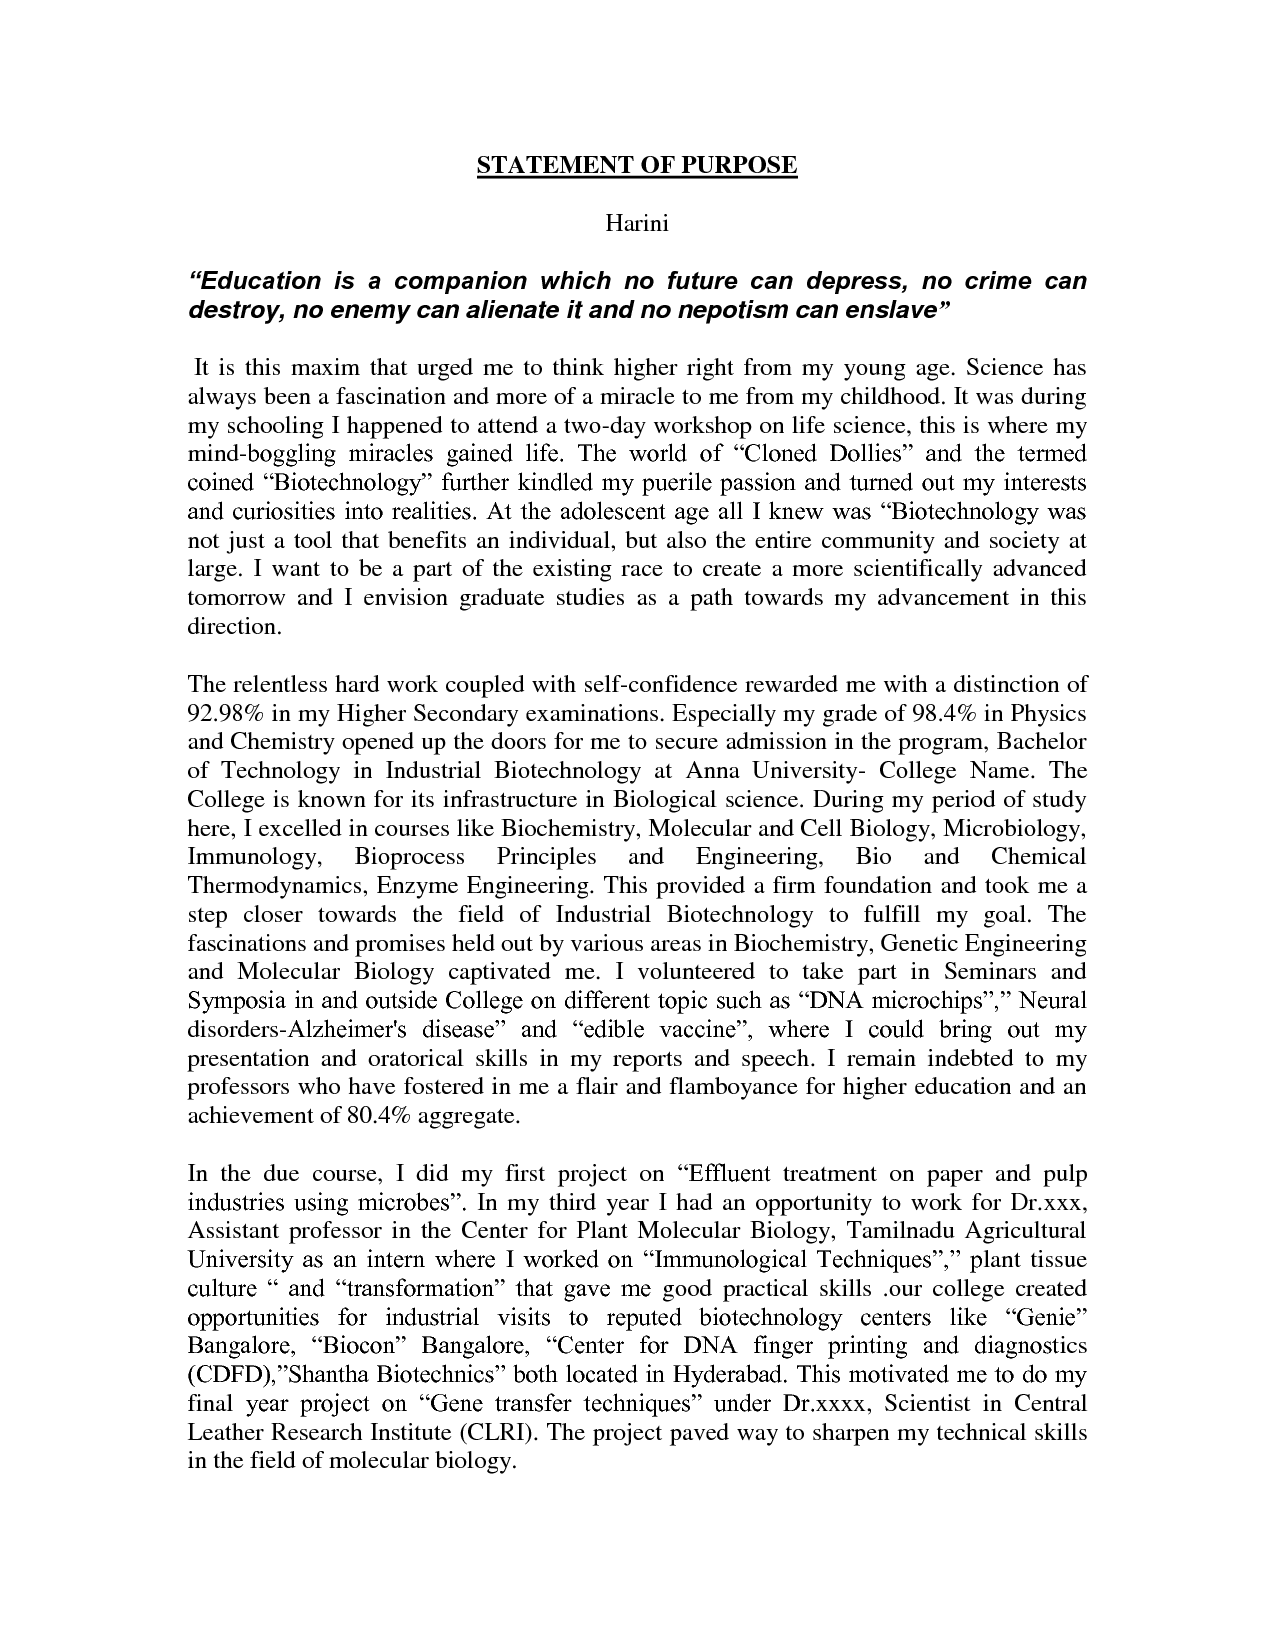 personal statement for internship